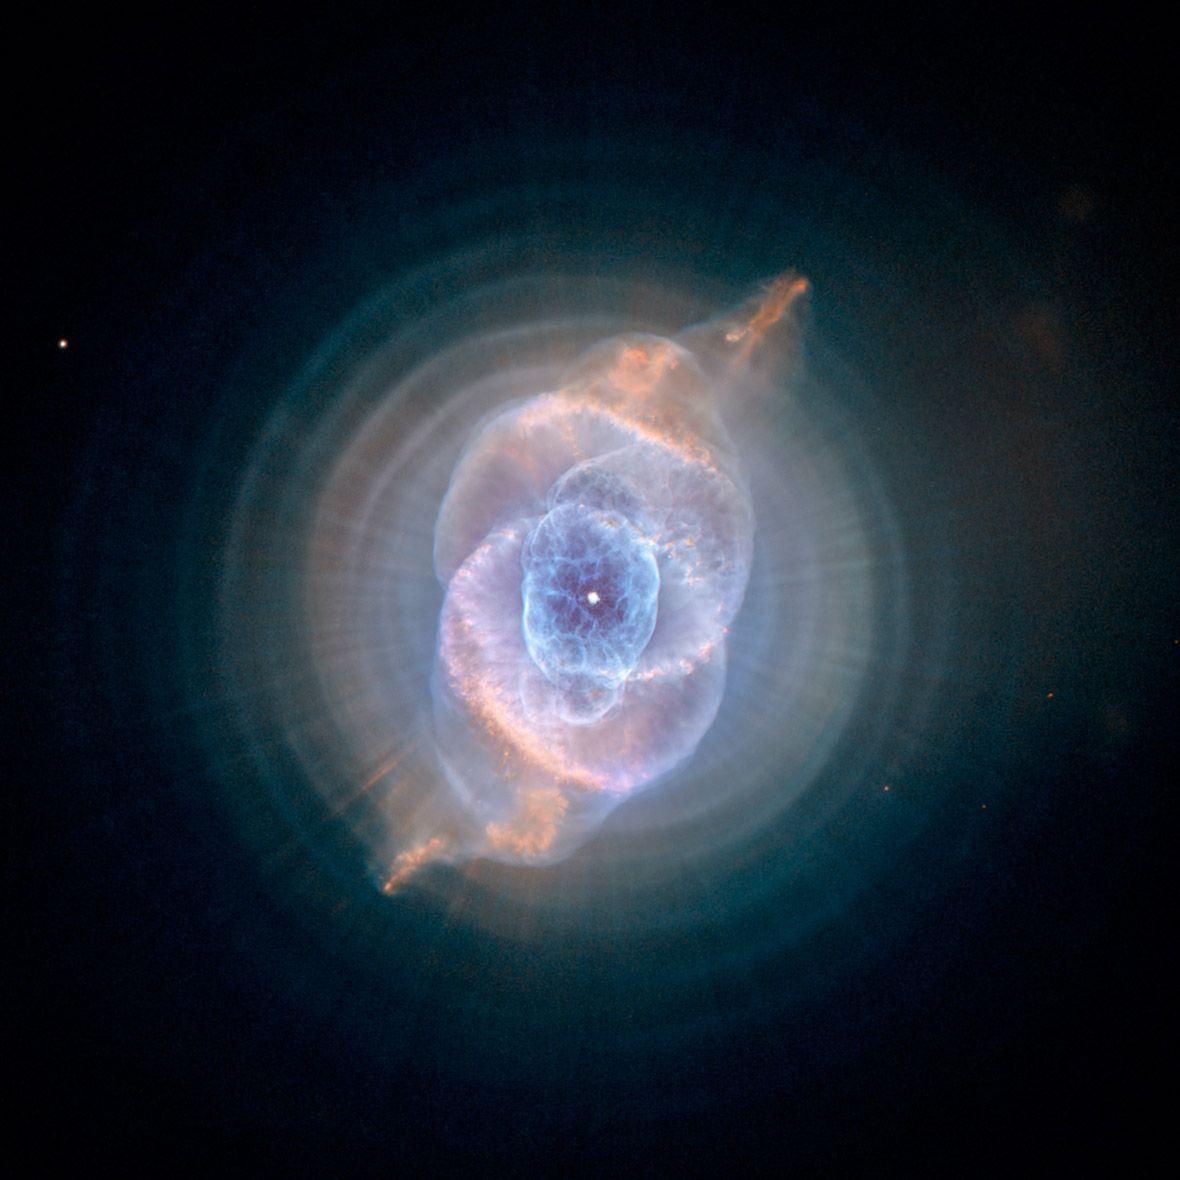 Las Imágenes Más Especiales Captadas por el Telescopio Hubble